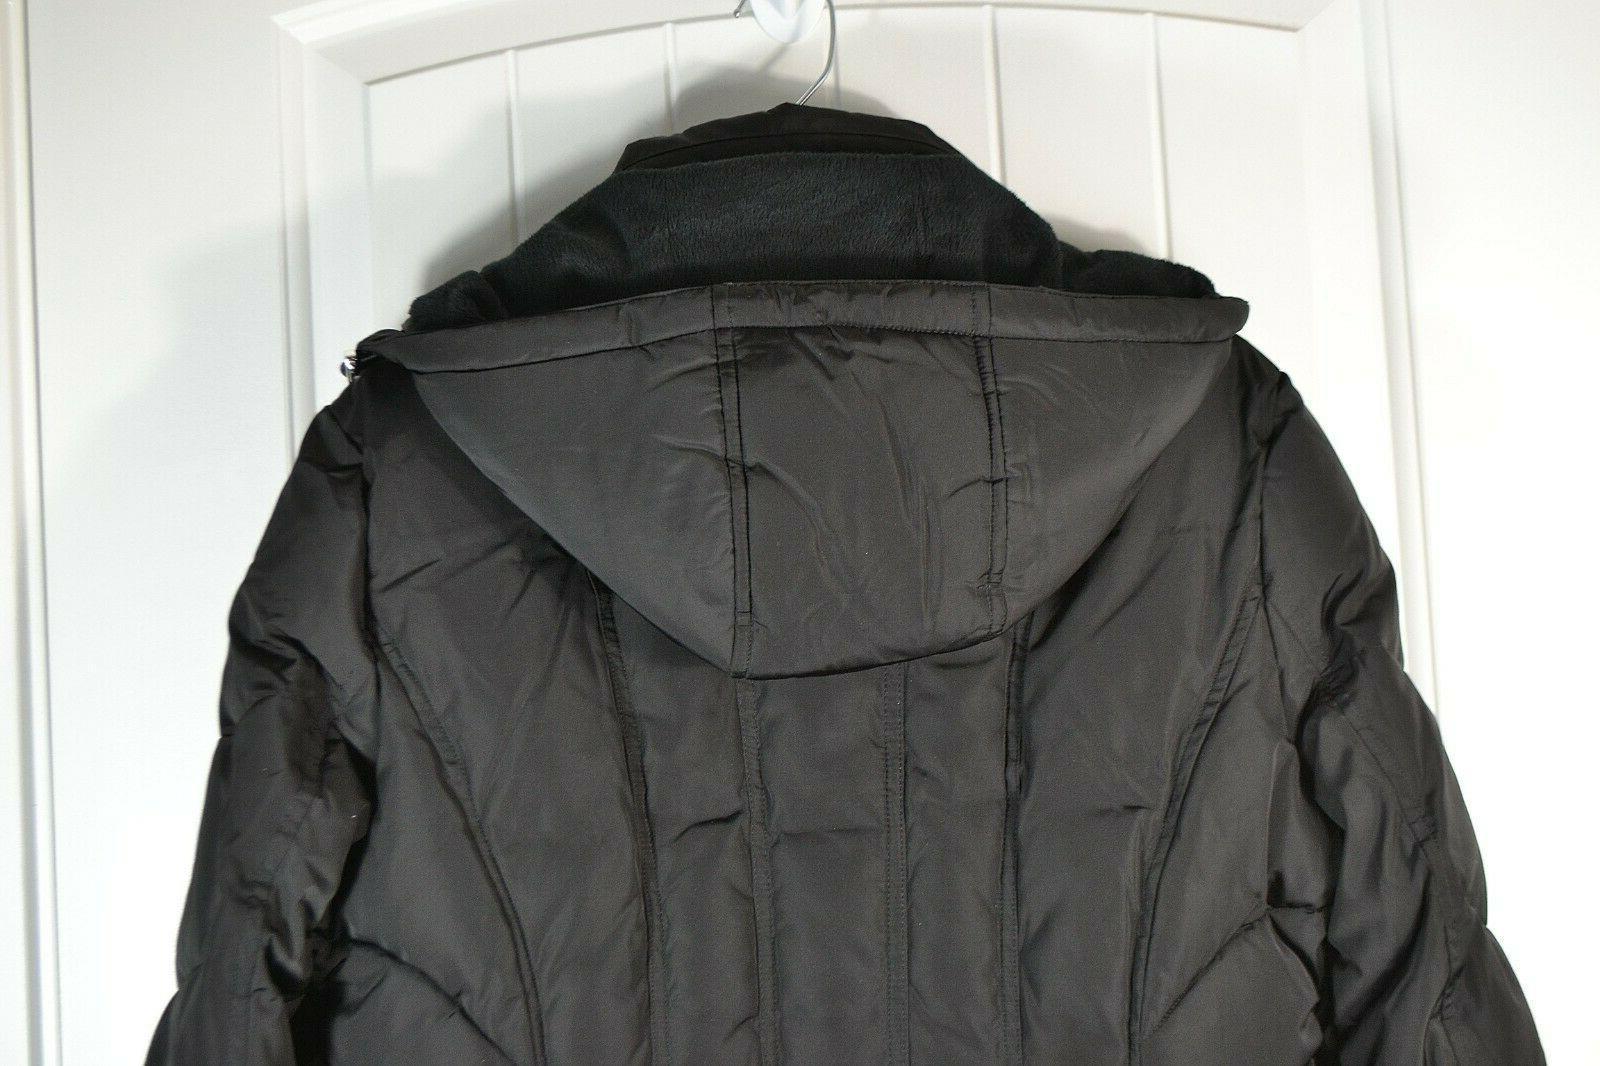 NWT BLACK HOODED COAT S